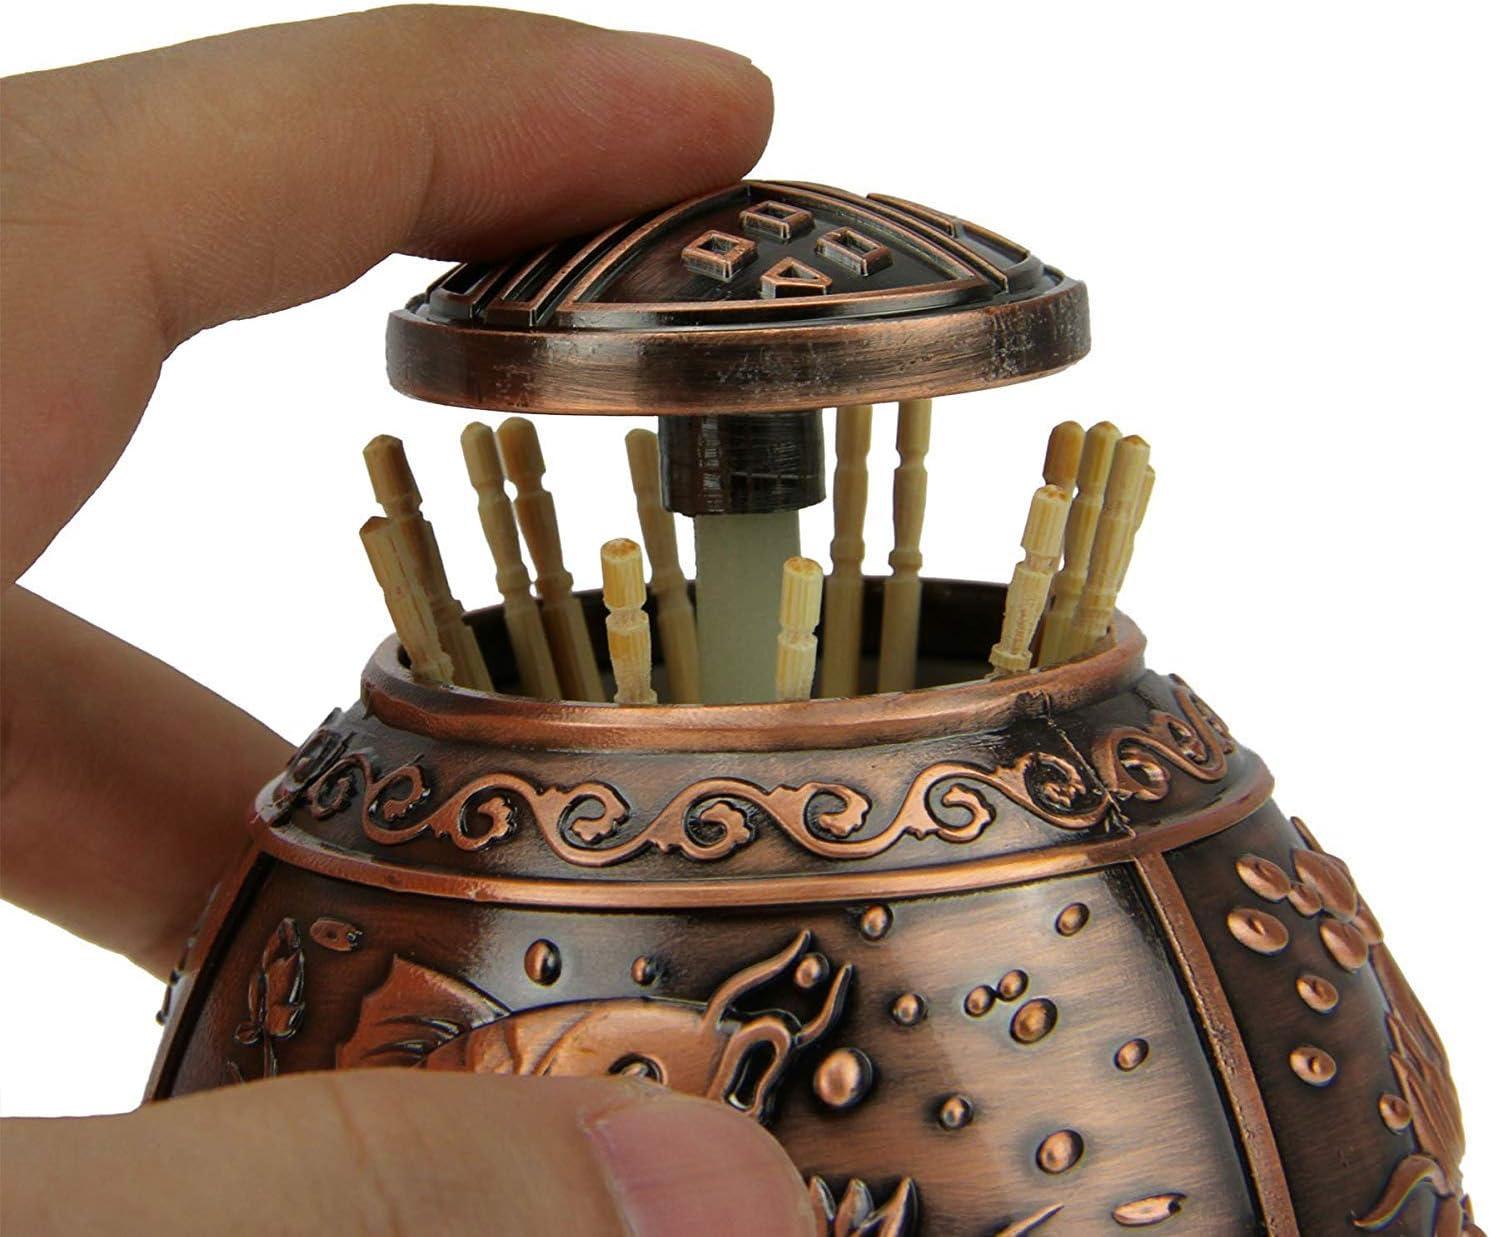 Julymall Geschmackvoller Marmor Outlooking Kunststoff Automatischer Pop-Up Zahnstocherhalter Cocktail Stick Zahnstocher Spender Box Dose Beh/älter Haushaltsdekoration B Hellgrau Kunststoff B